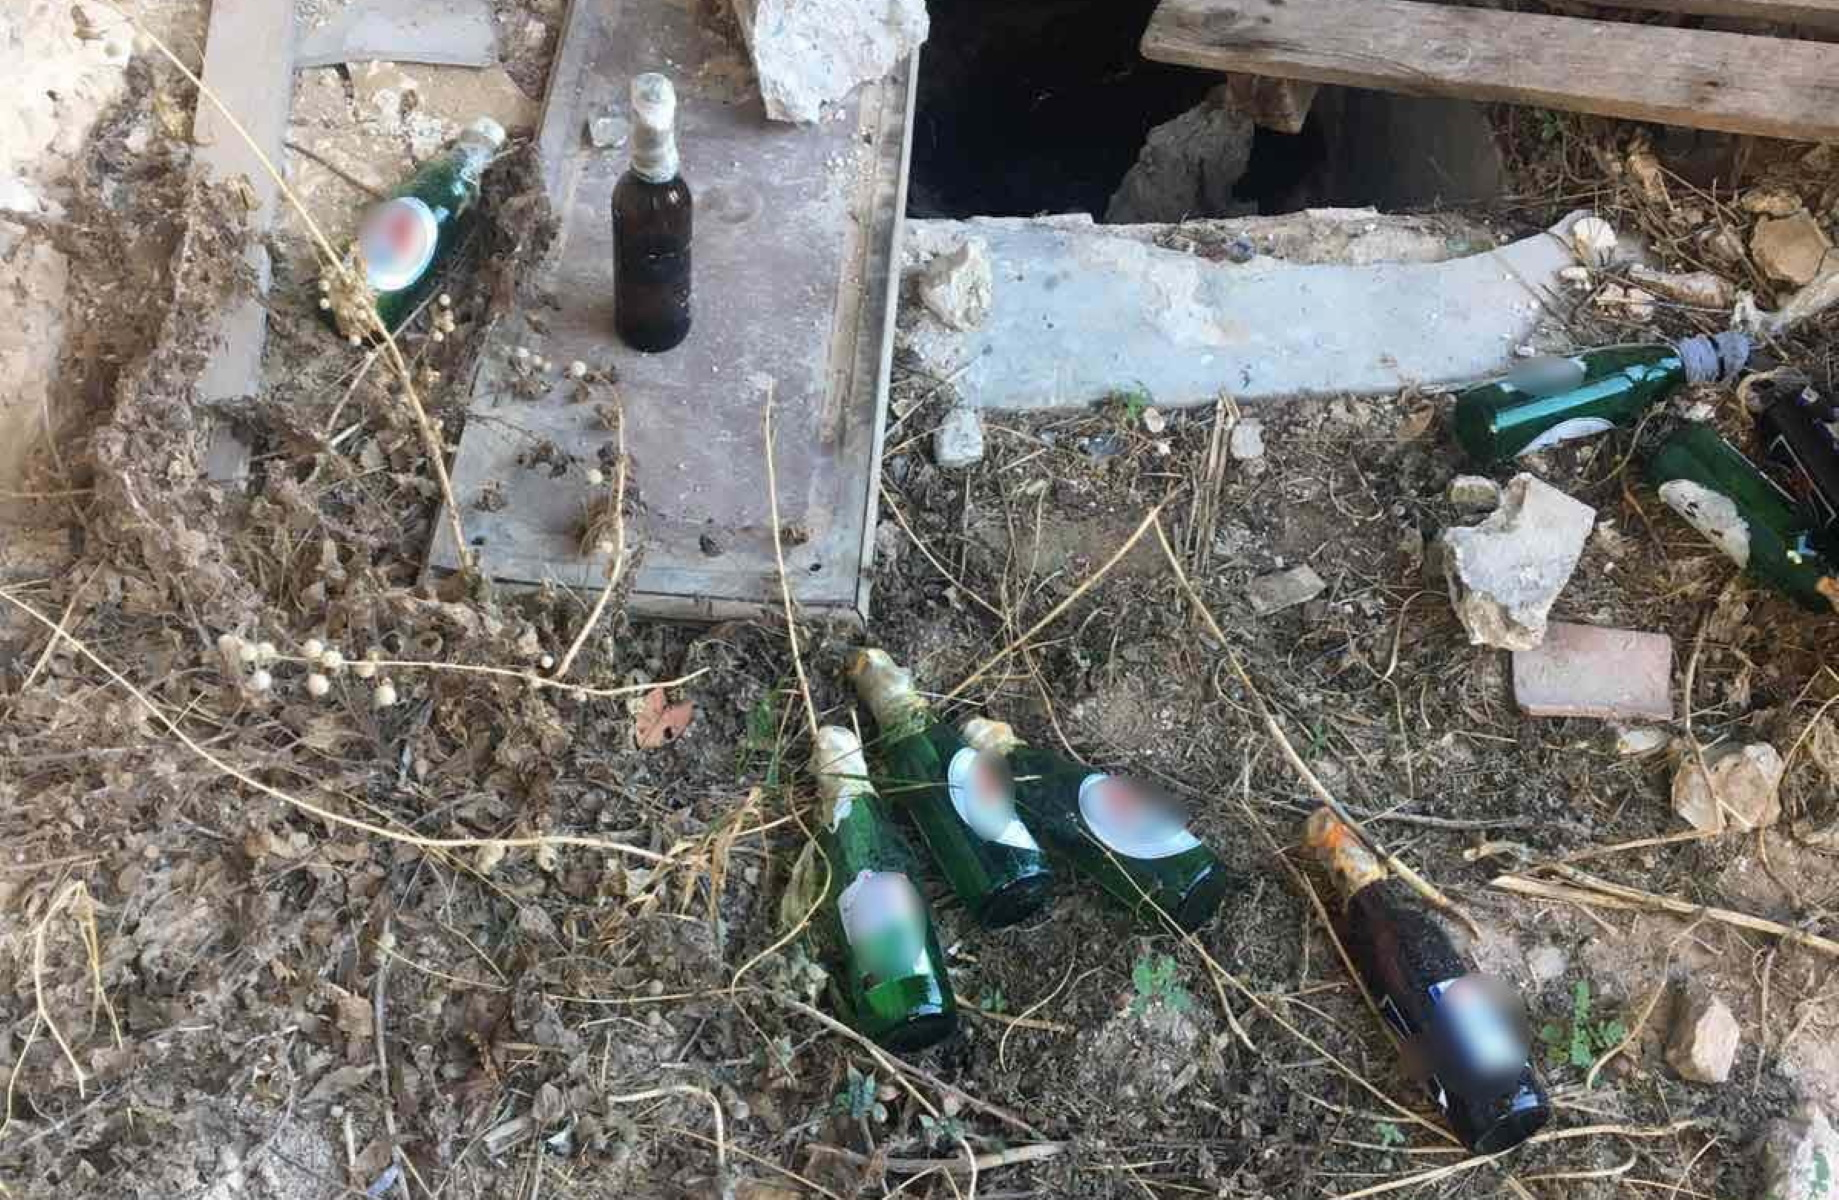 Εντοπίστηκαν 20 βόμβες μολότοφ σε εγκαταλελειμμένο κτίριο στα Εξάρχεια (pics)